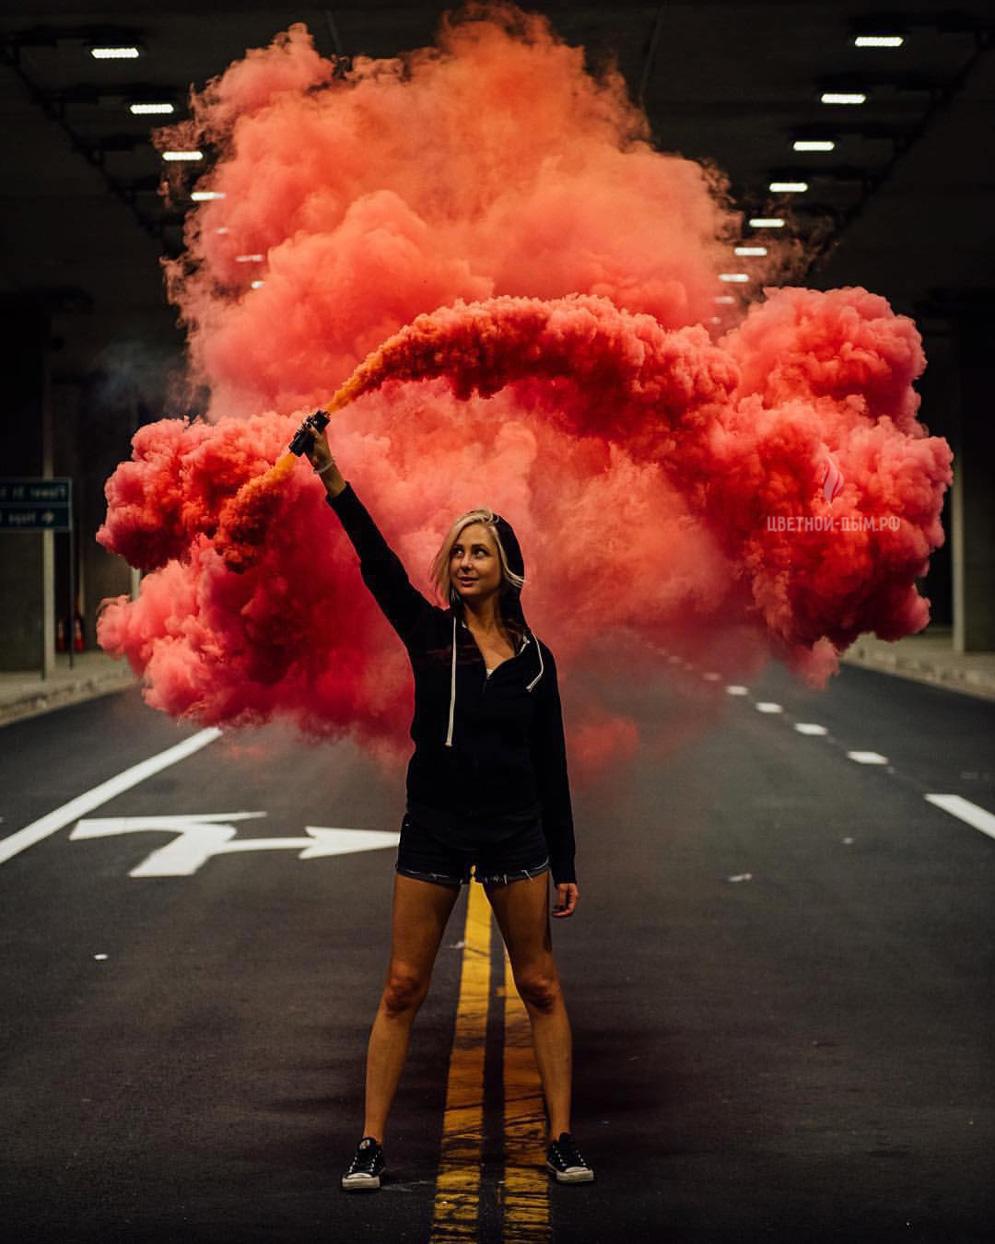 Фотки с дымовыми шашками